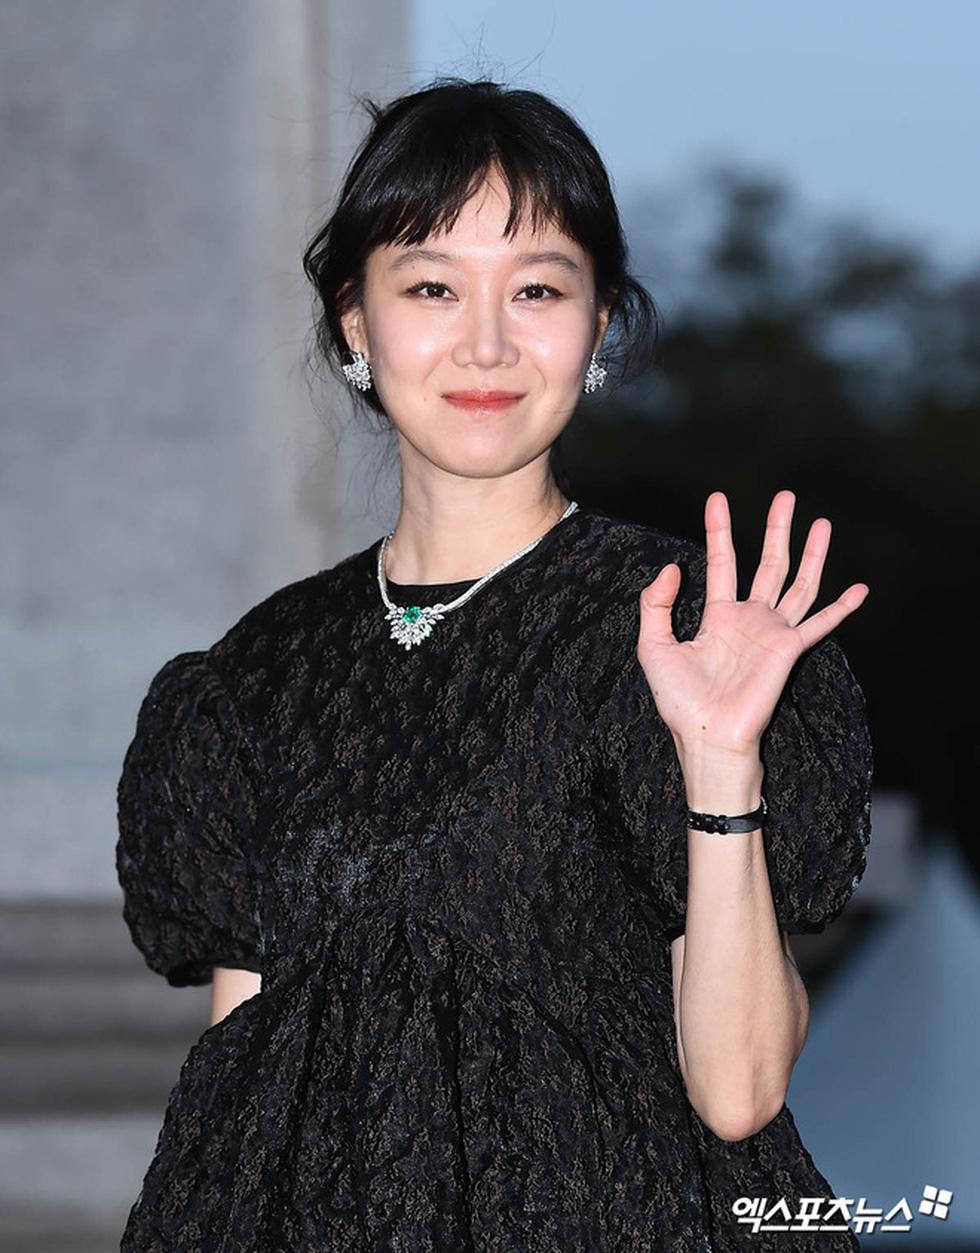 Diễn viên Hạ cánh nơi anh, Thế giới hôn nhân được Hàn Quốc trao bằng khen - Ảnh 4.